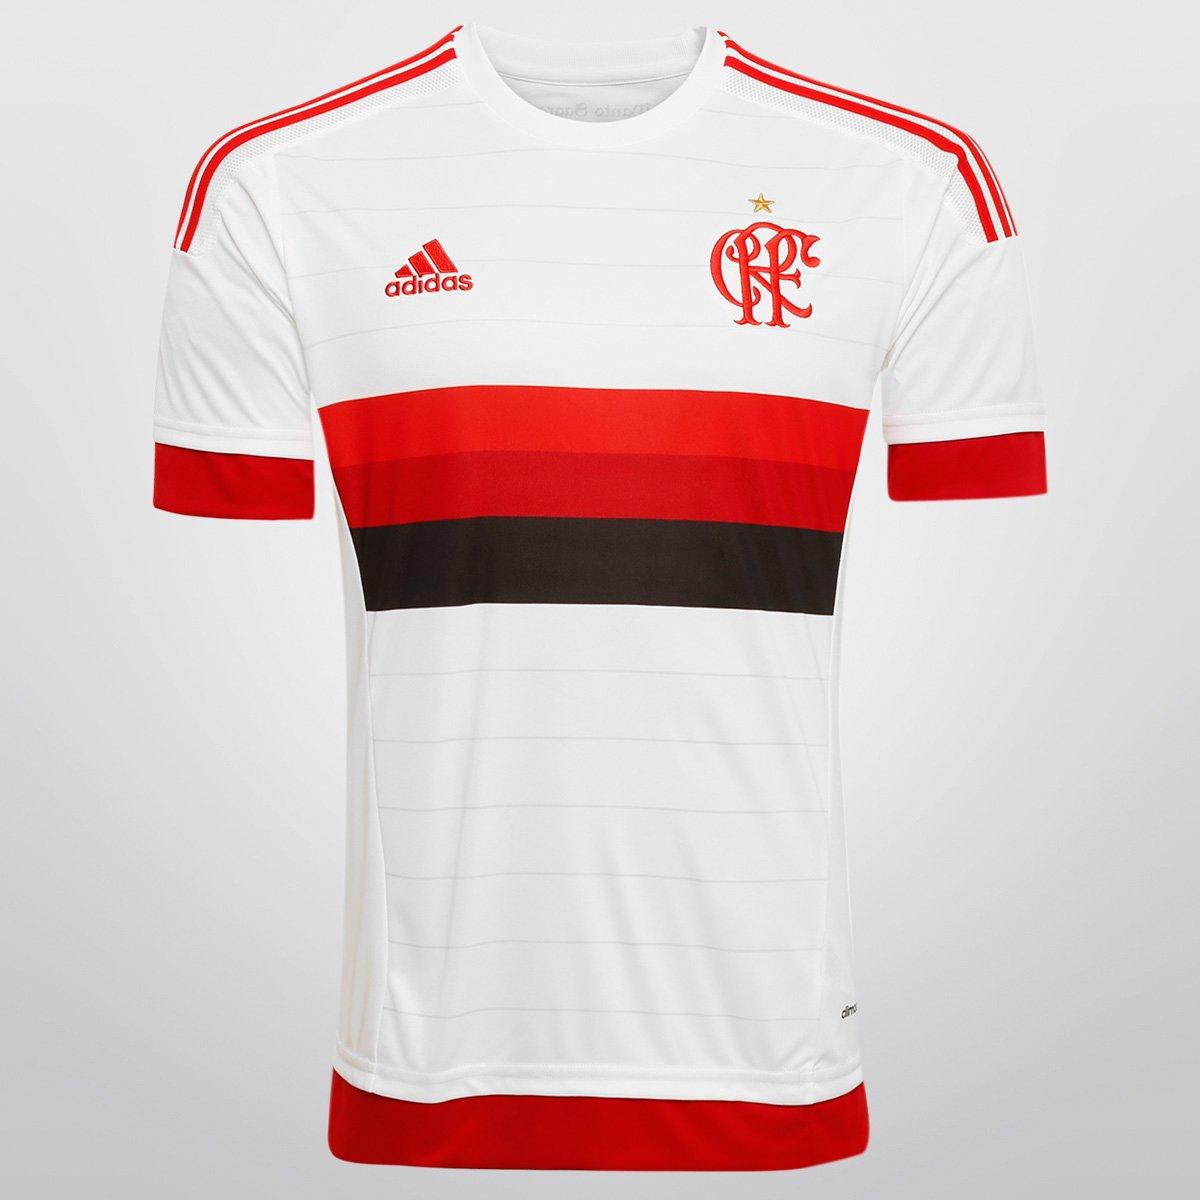 Camisa Adidas Flamengo II 15 16 s nº - Compre Agora  23c1454ec2c77